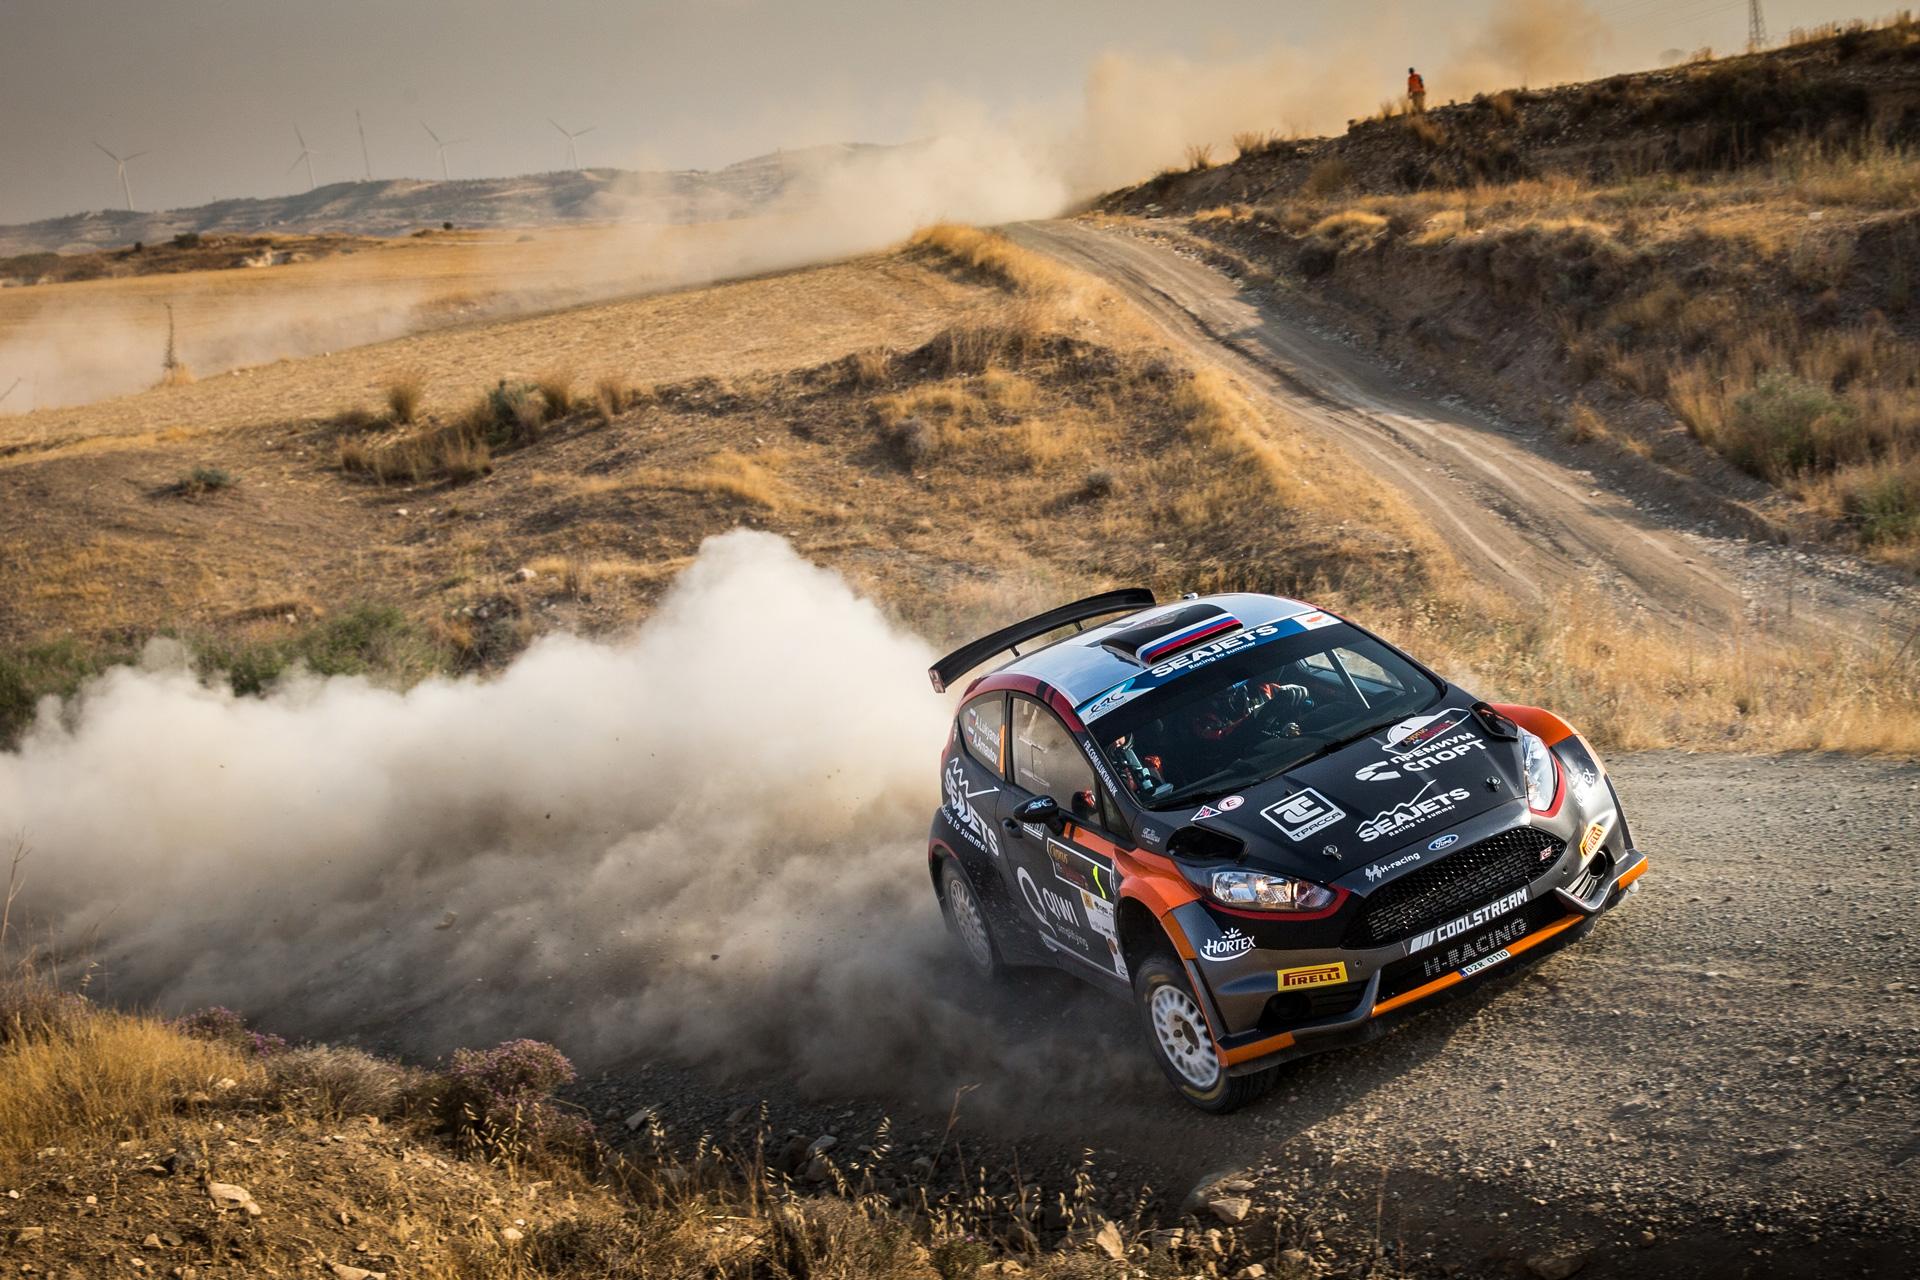 ралли Кипра – это наличие пыльного шлейфа за каждой гоночной машиной